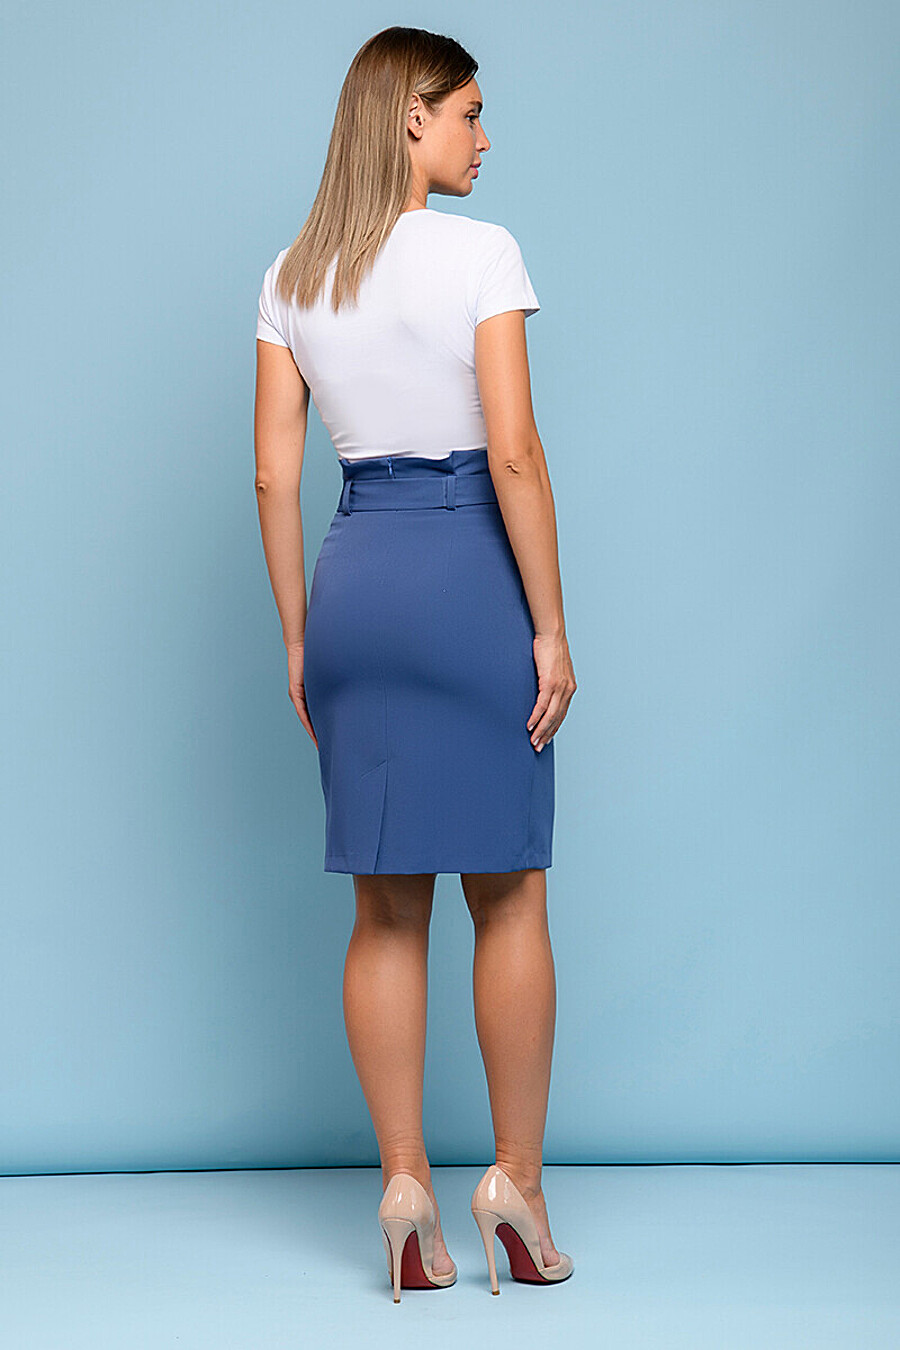 Юбка для женщин 1001 DRESS 683233 купить оптом от производителя. Совместная покупка женской одежды в OptMoyo